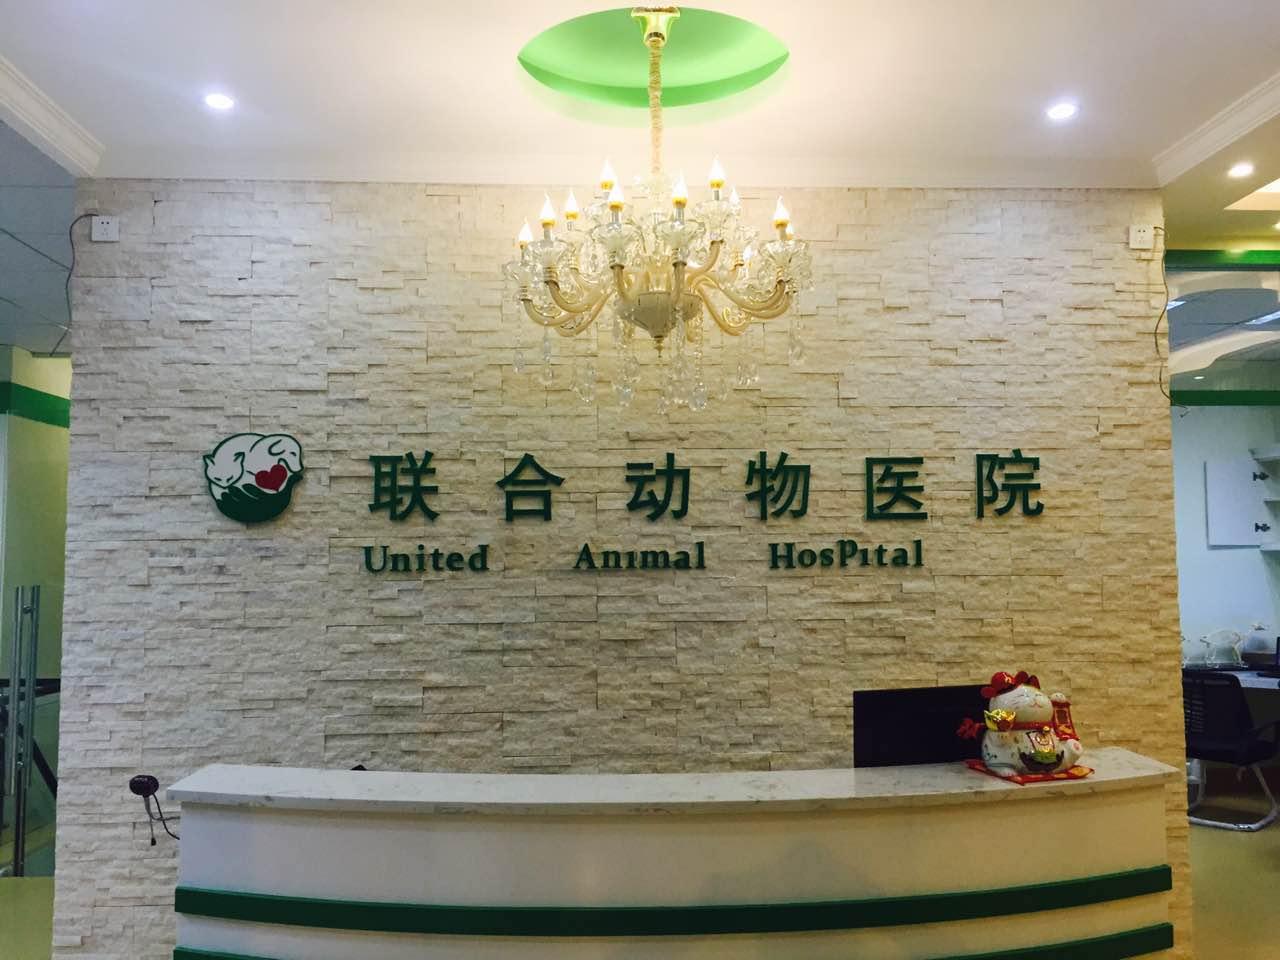 湖北可信赖的武汉联合动物医院——汉阳武汉联合动物医院